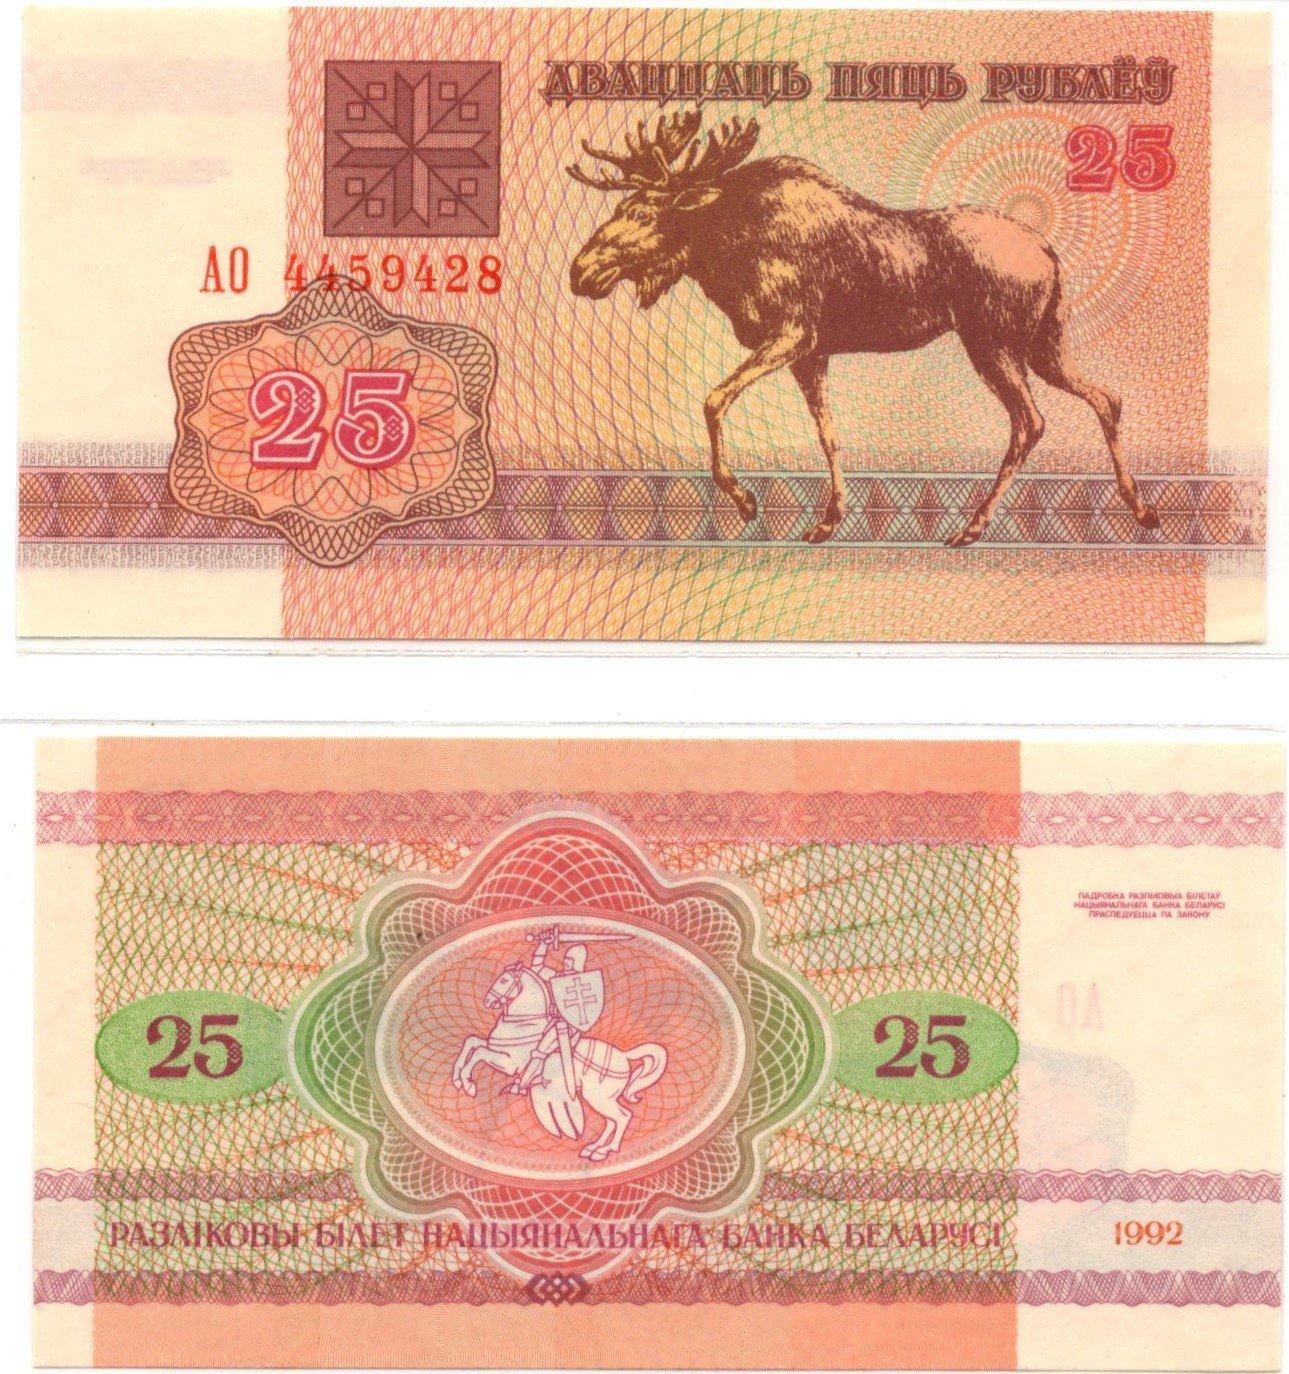 belarus 25 ruble 1992